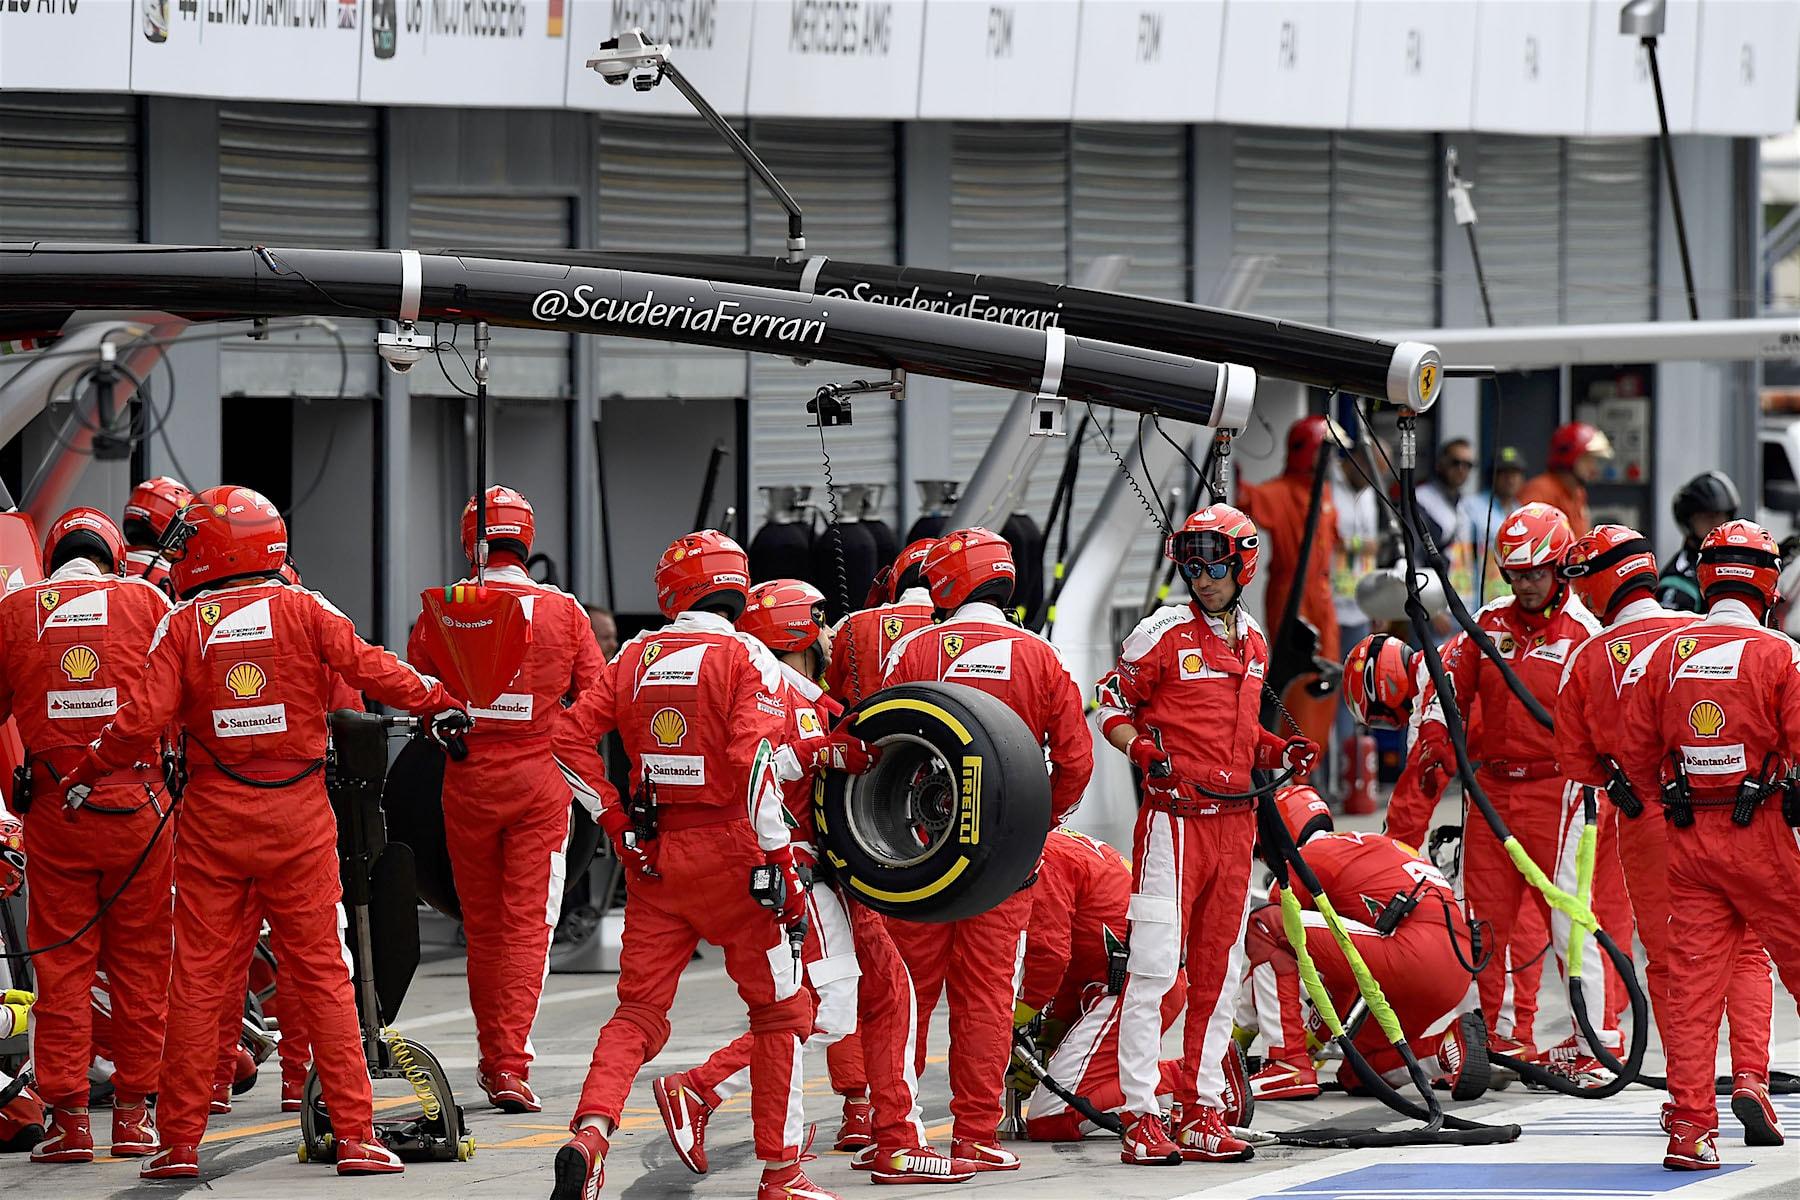 Salracing - Scuderia Ferrari